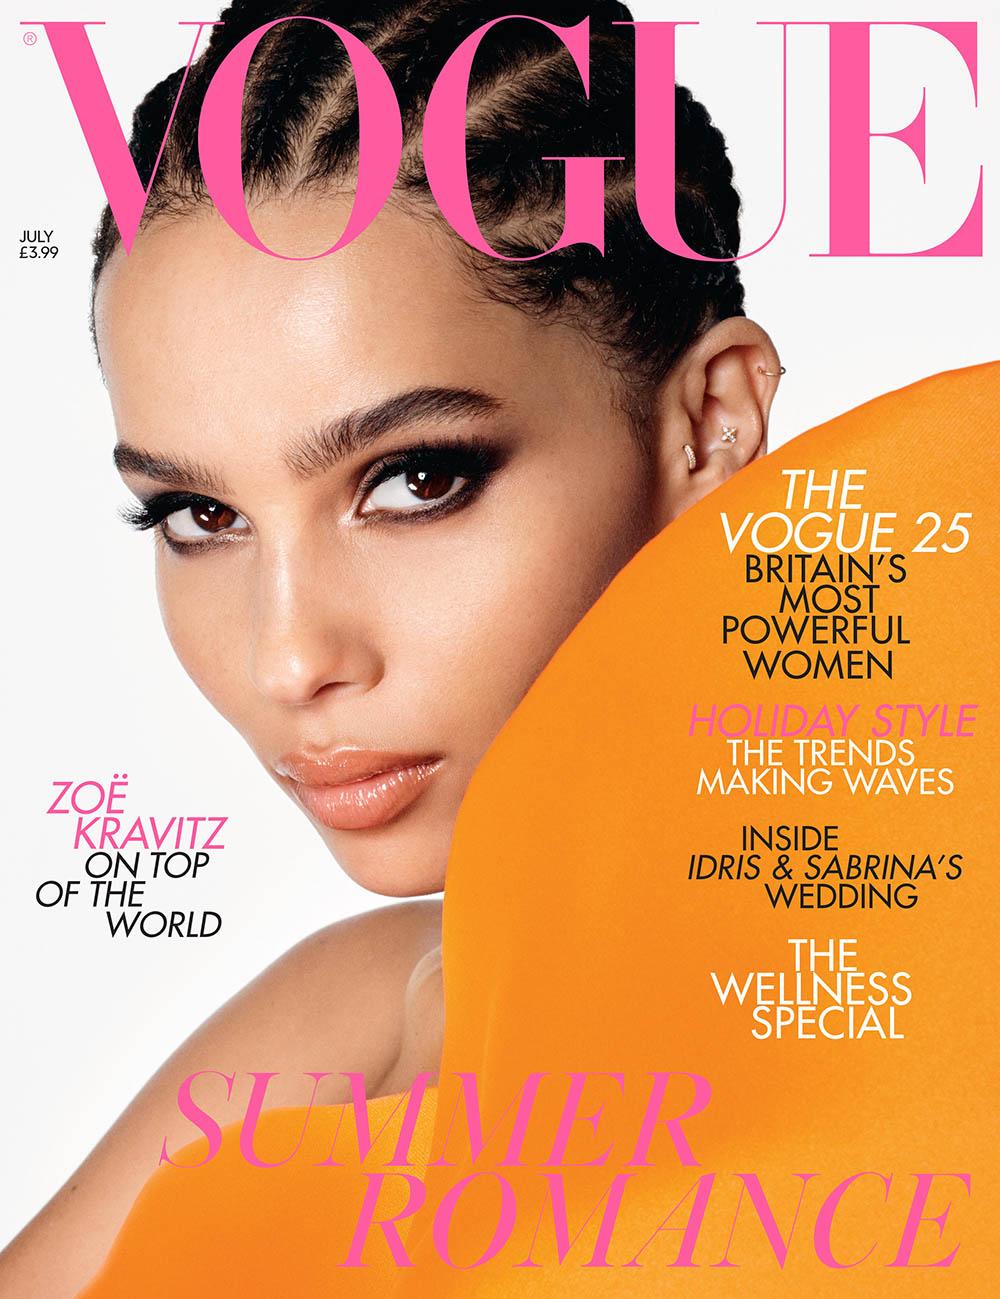 Zoe-Kravitz-Steven-Meisel-for-Vogue-UK-July-2019- (1).jpg